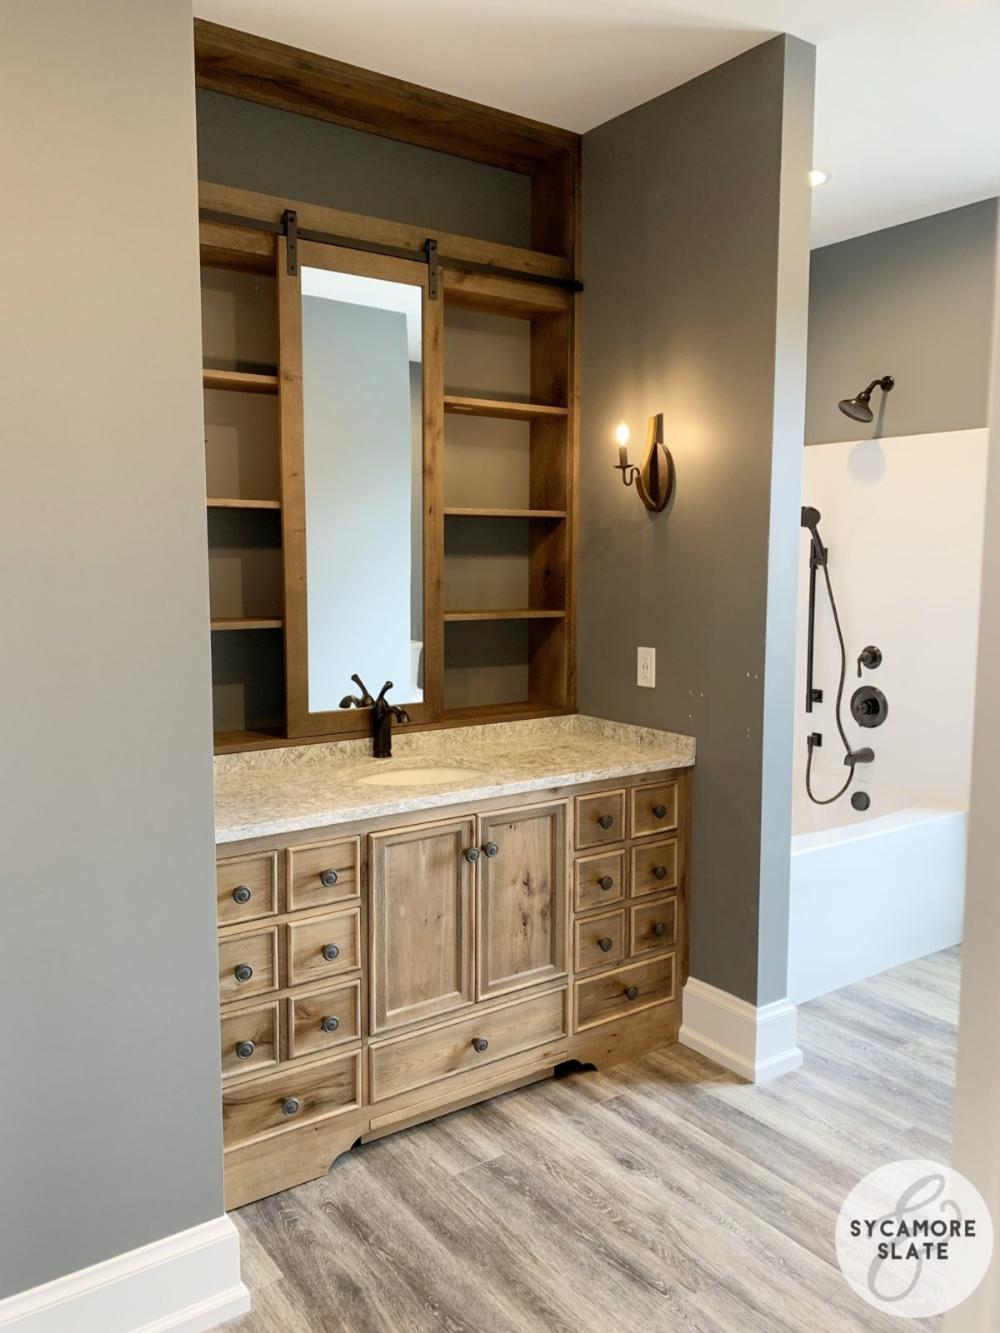 Beautiful Vanity With Barn Door Mirror Mirror Door Barn Door Sliding Barn Door Bathroom [ 1333 x 1000 Pixel ]